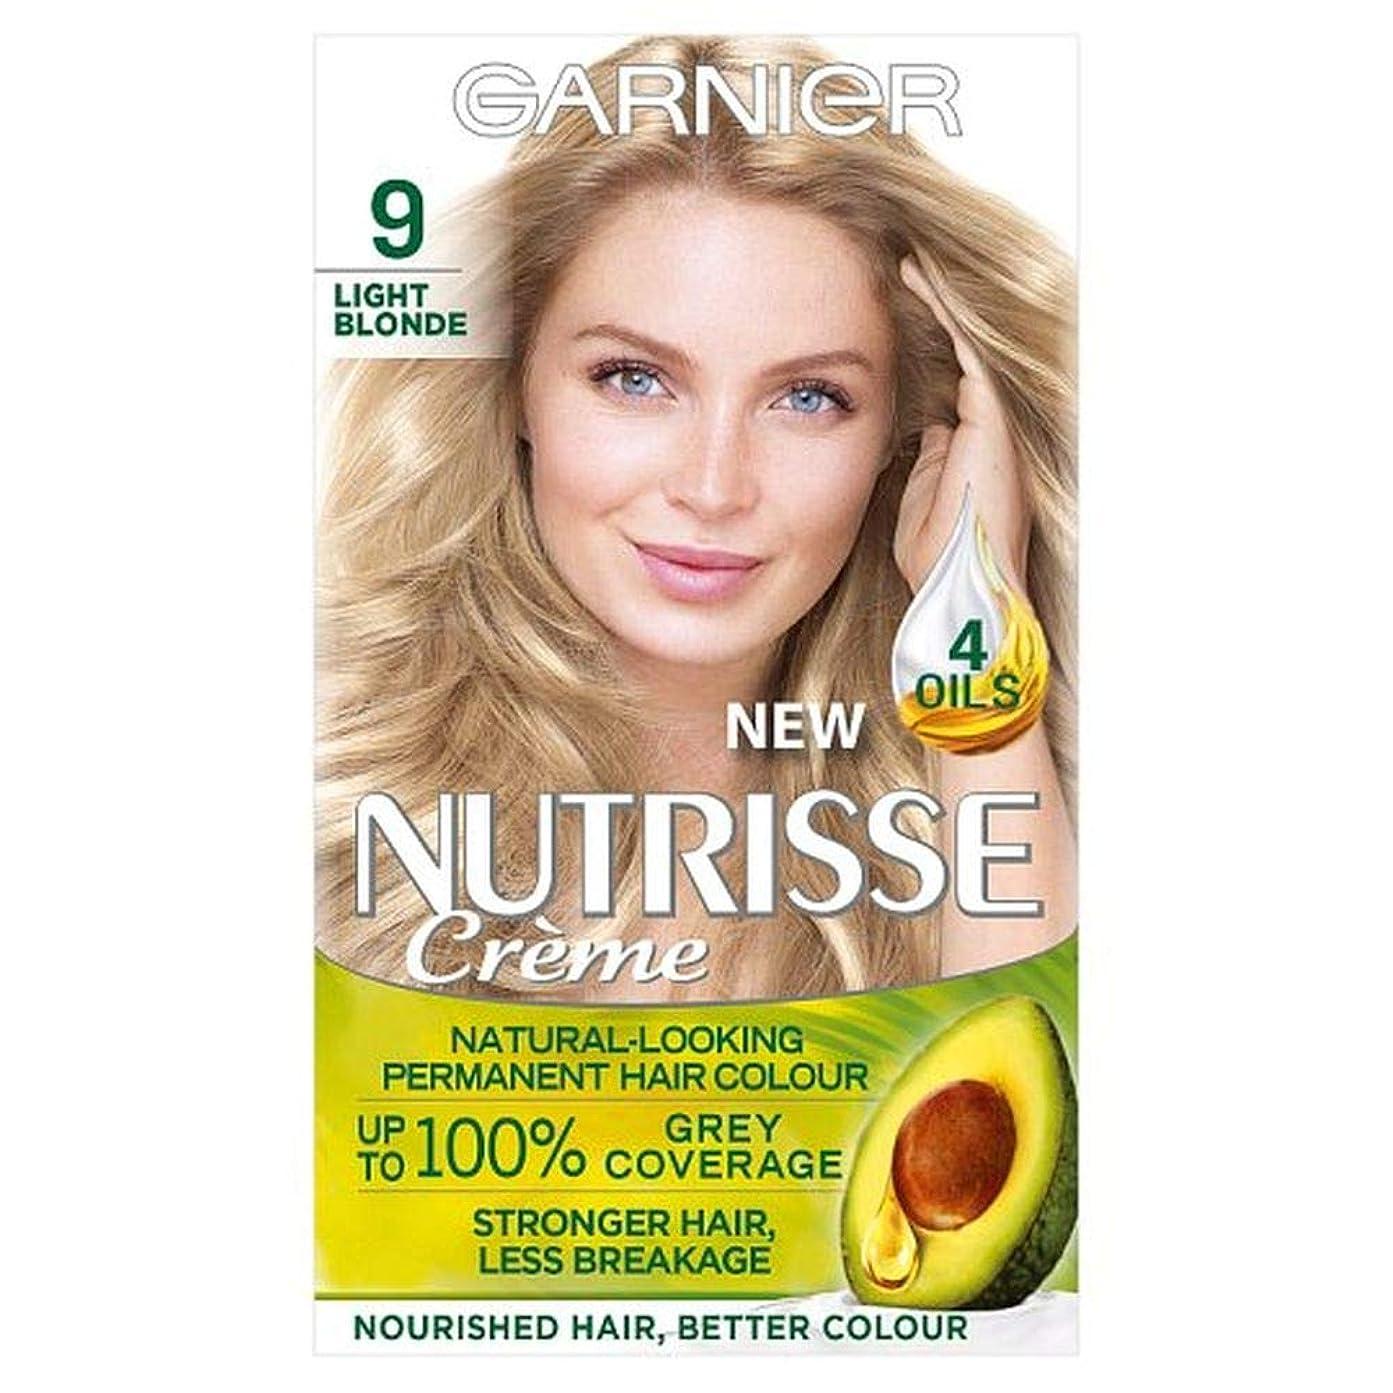 対応する無臭勇敢な[Nutrisse] ガルニエNutrisse 9ライトブロンドパーマネントヘアダイ - Garnier Nutrisse 9 Light Blonde Permanent Hair Dye [並行輸入品]